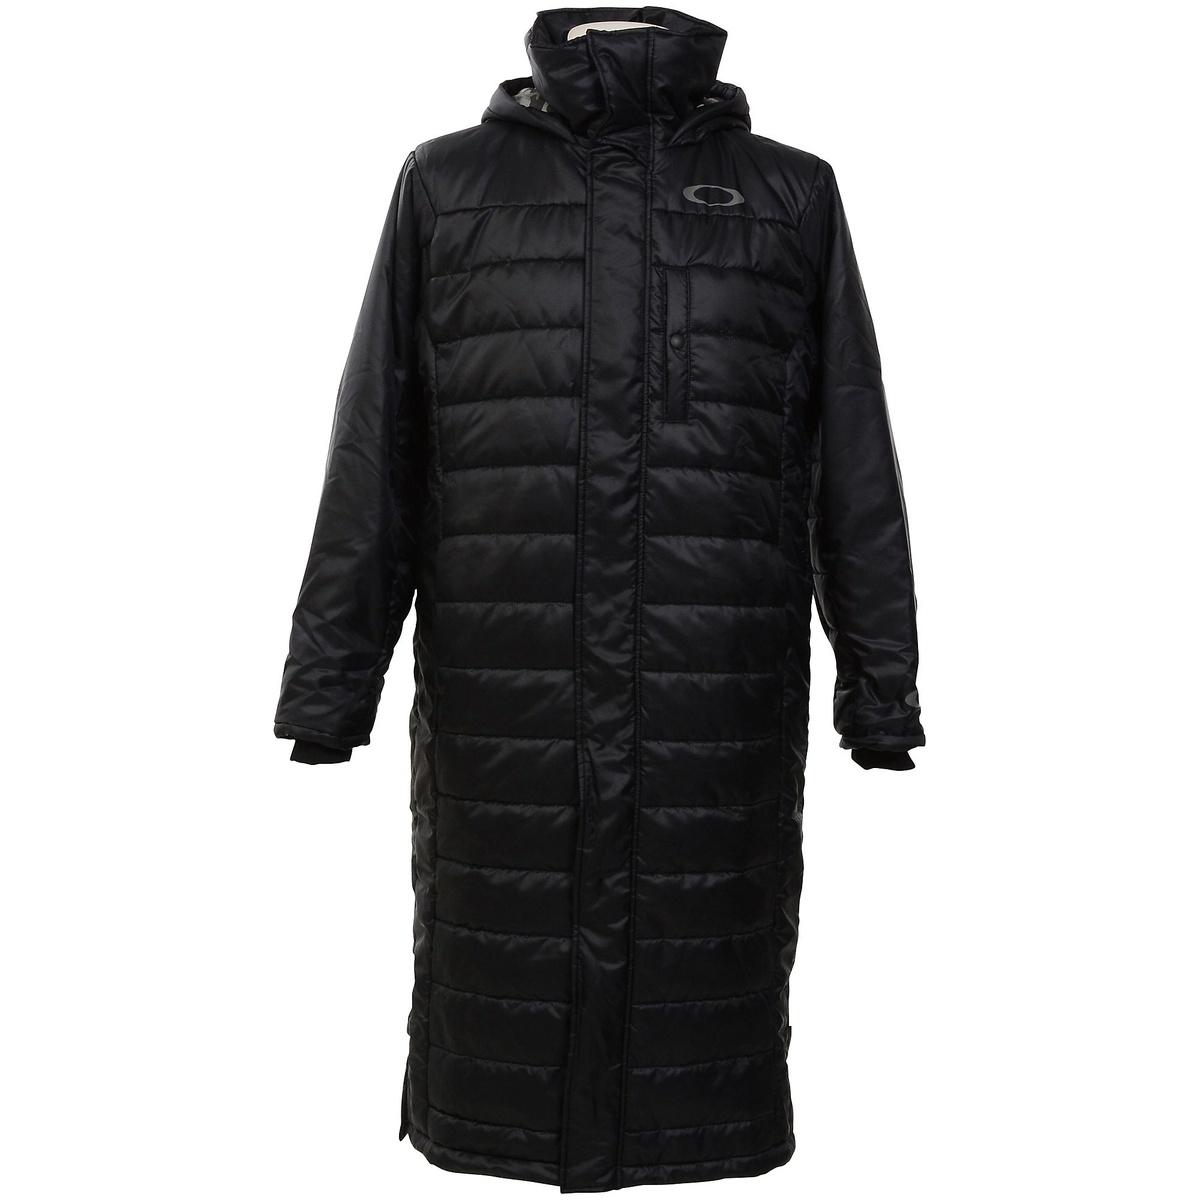 【送料無料】 OAKLEY(オークリー) メンズスポーツウェア 中綿ジャケット ENHANCE WIND WARM LONG COAT 8.7 メンズ BLACKOUT 412631JP-02E